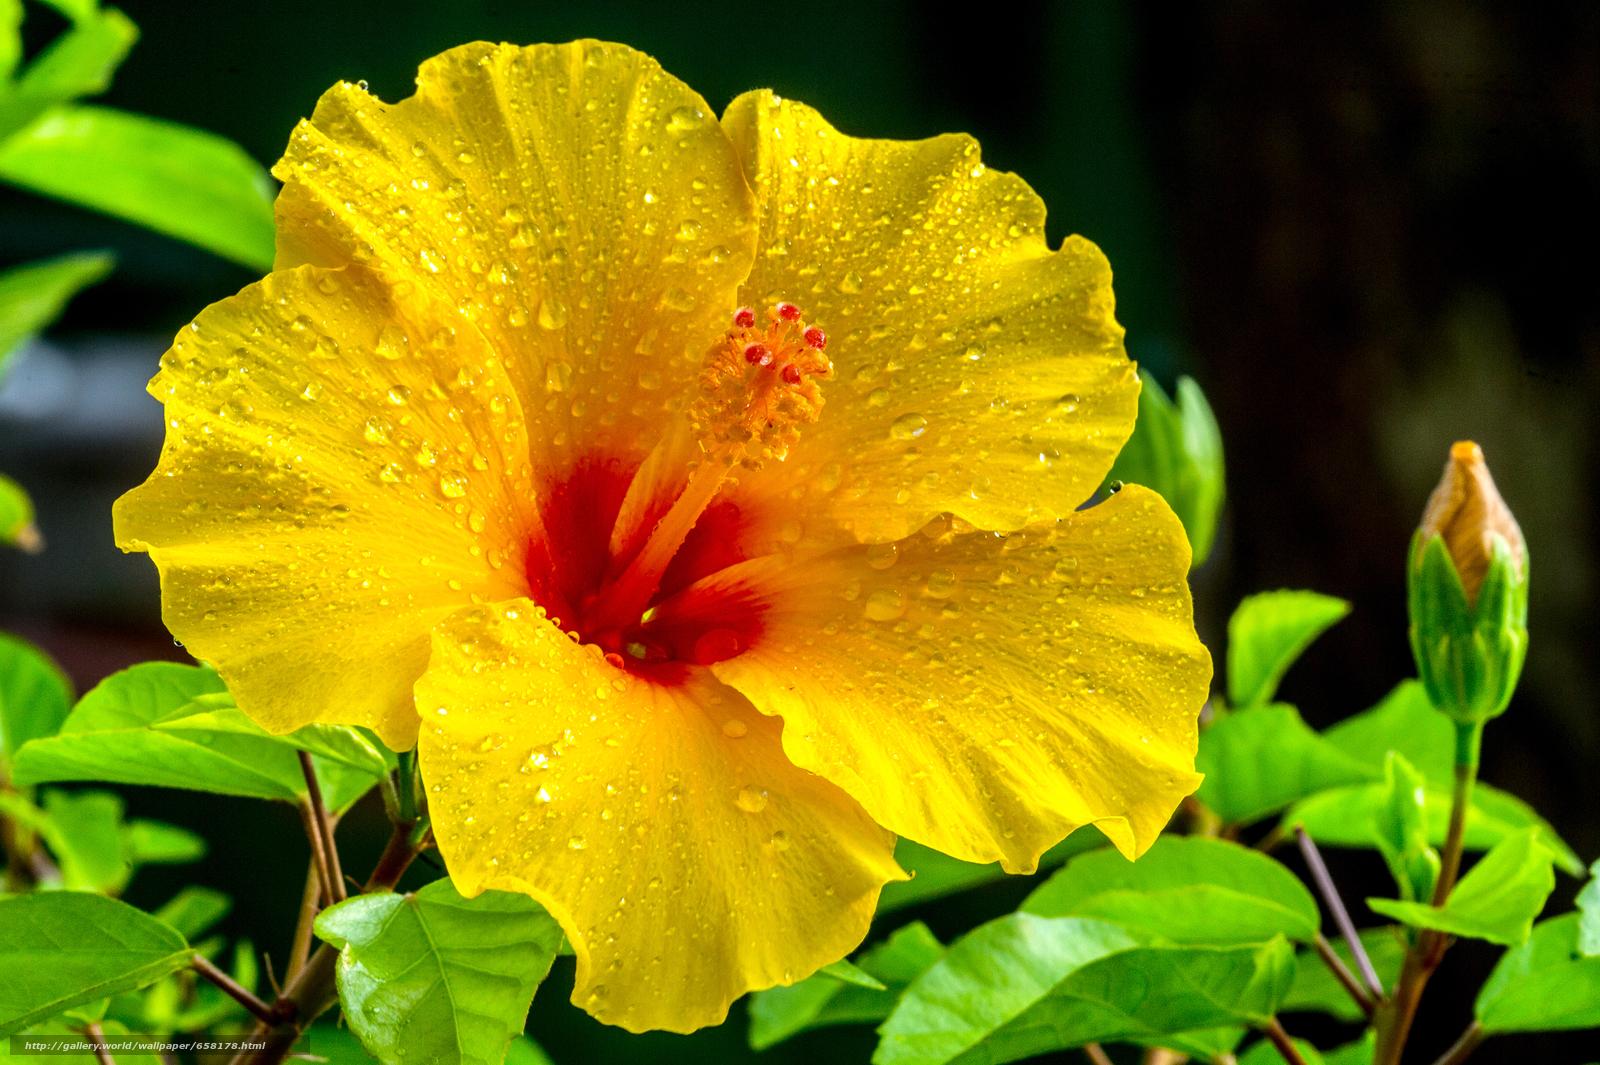 下载壁纸 槿,  槿,  花卉,  花 免费为您的桌面分辨率的壁纸 4928x3280 — 图片 №658178